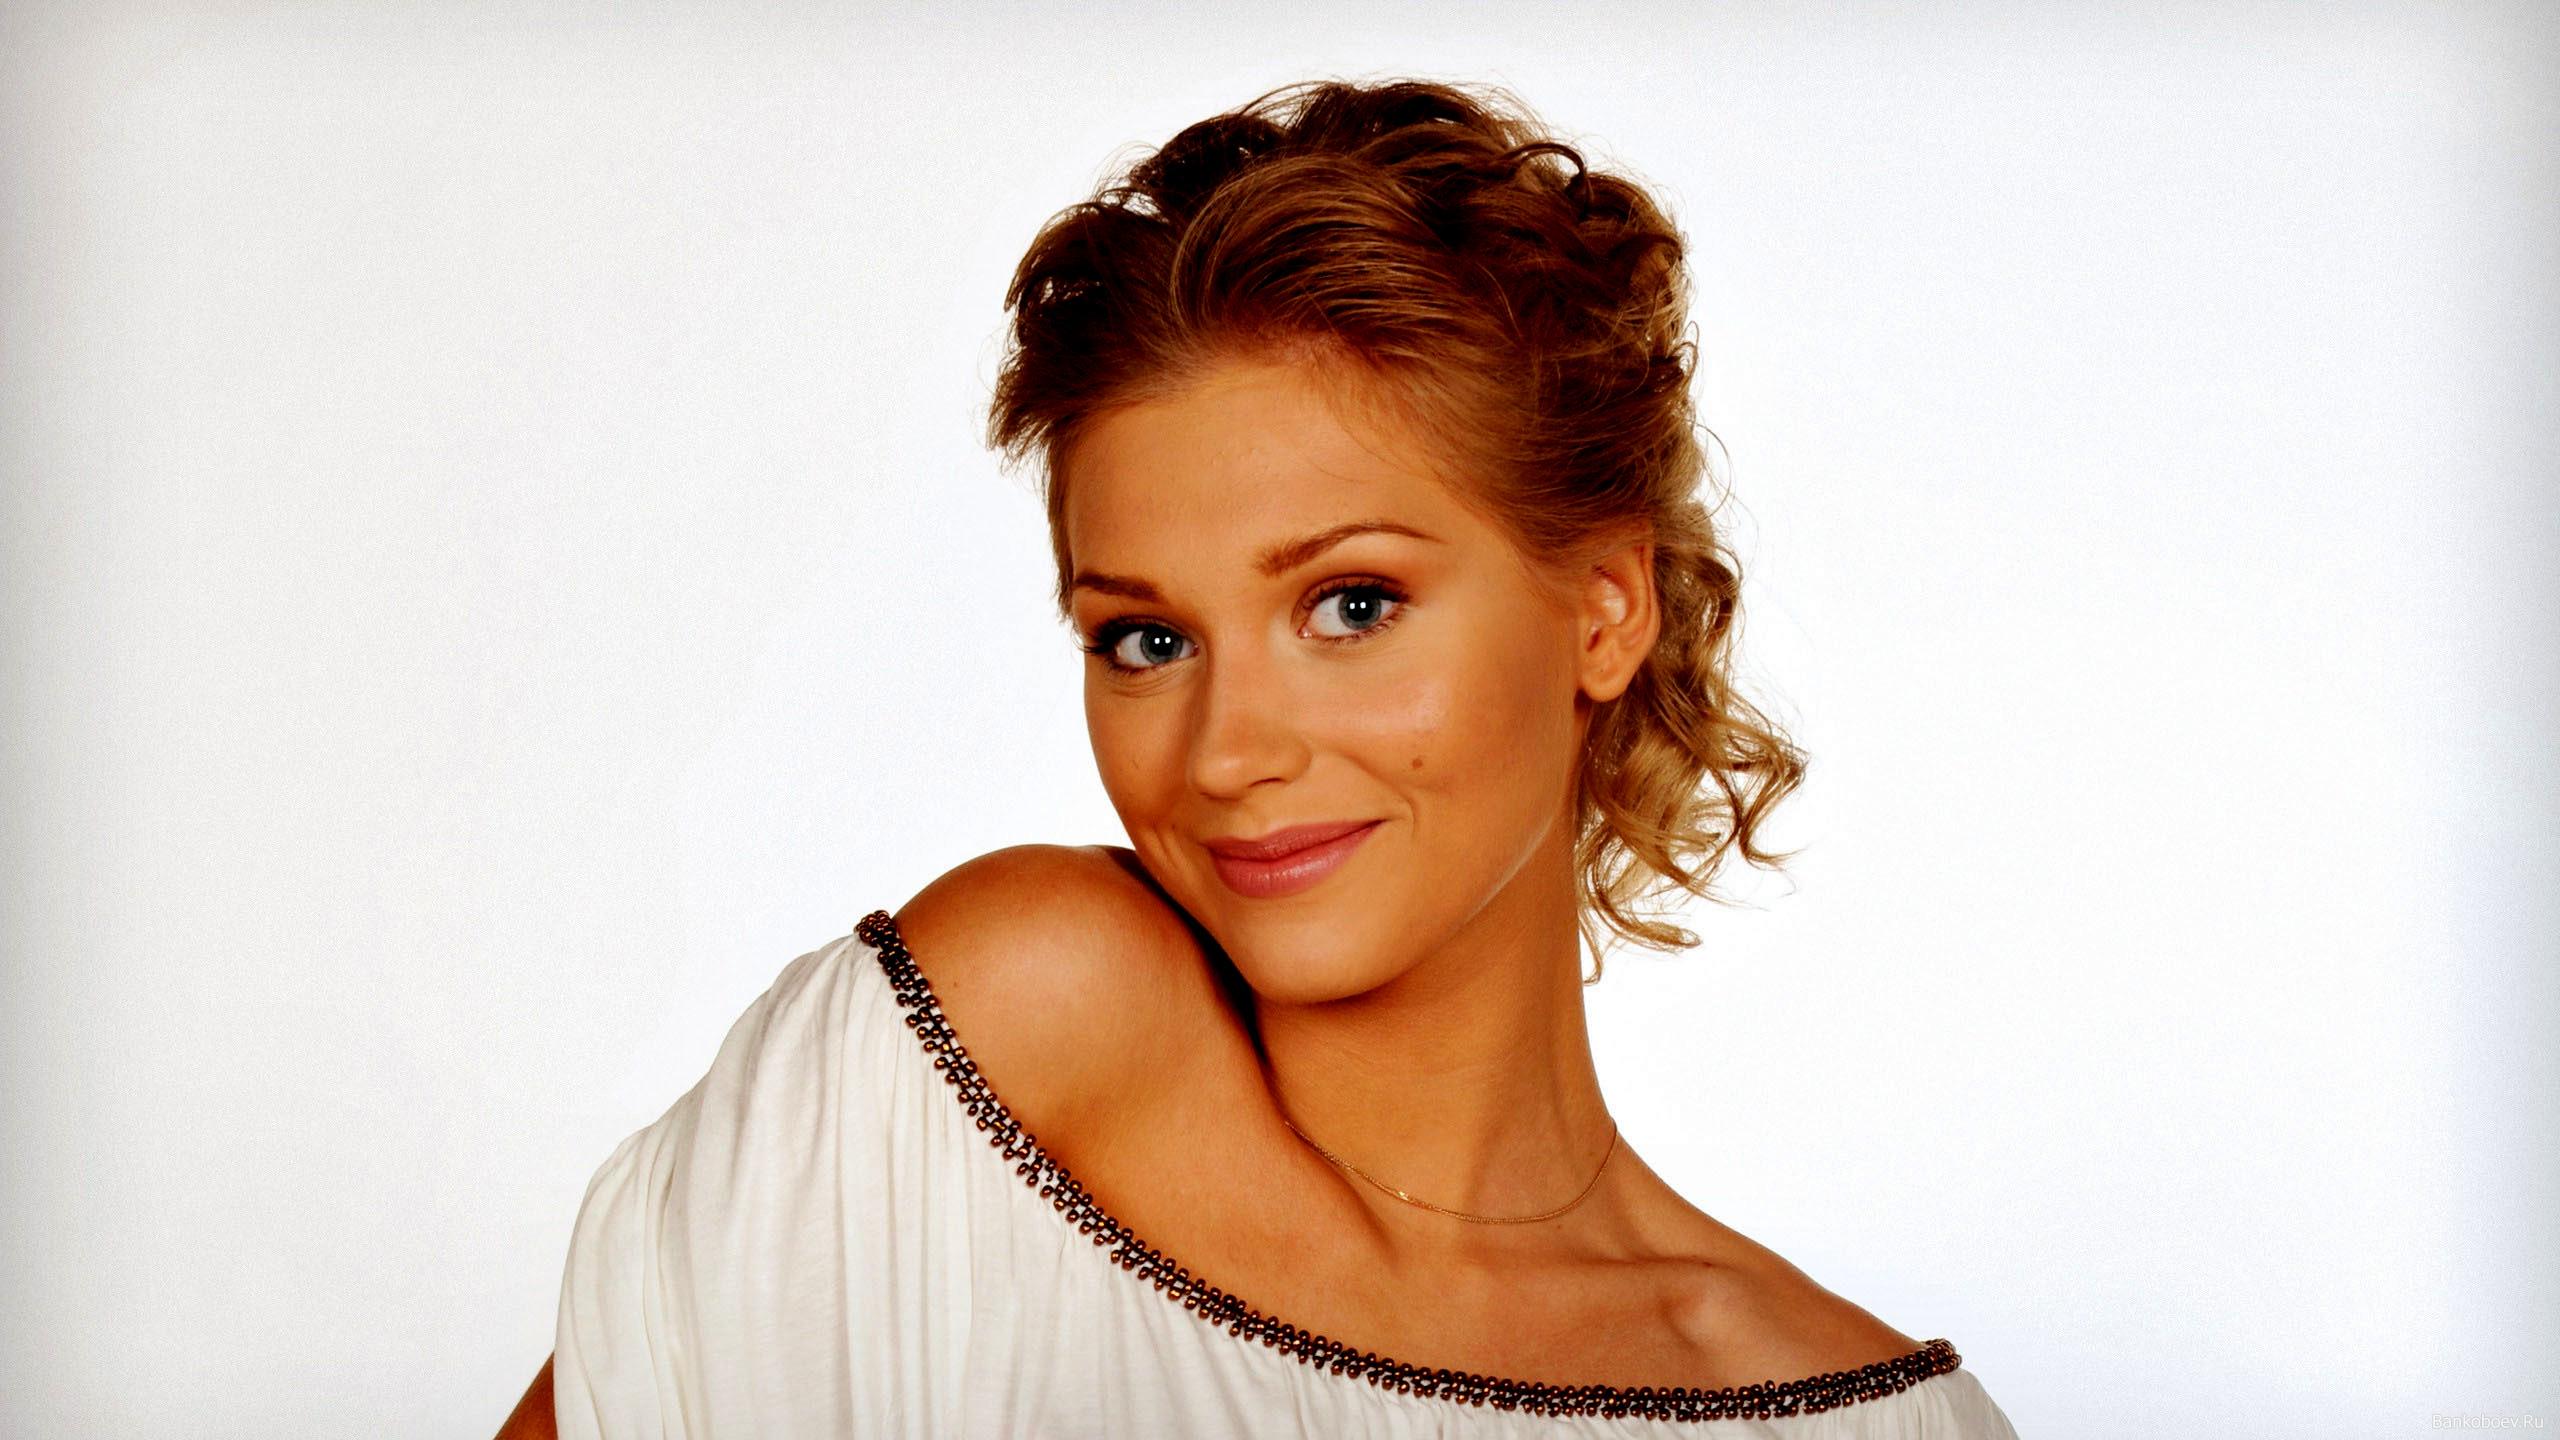 Знаменитости фото русские девушки с телесериалов